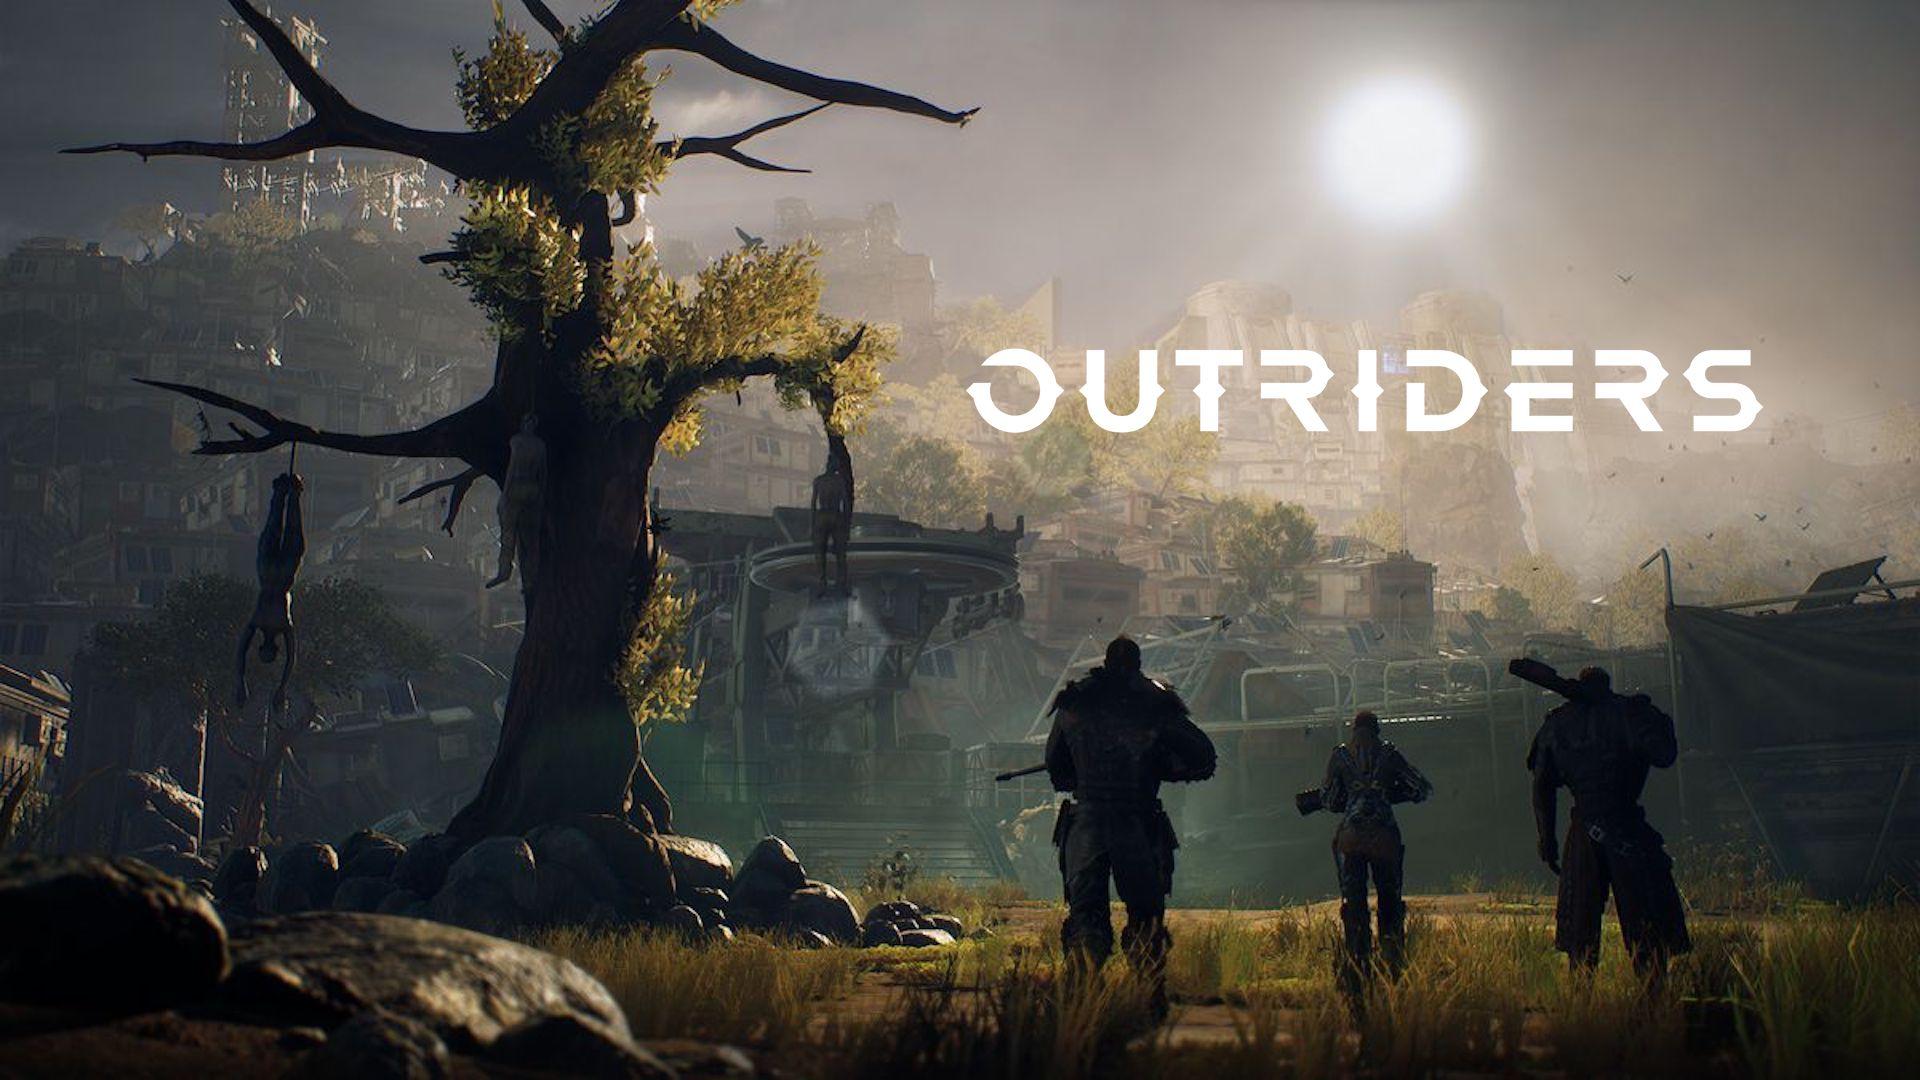 开发商澄清:《Outriders》XSS版支持4K/60帧